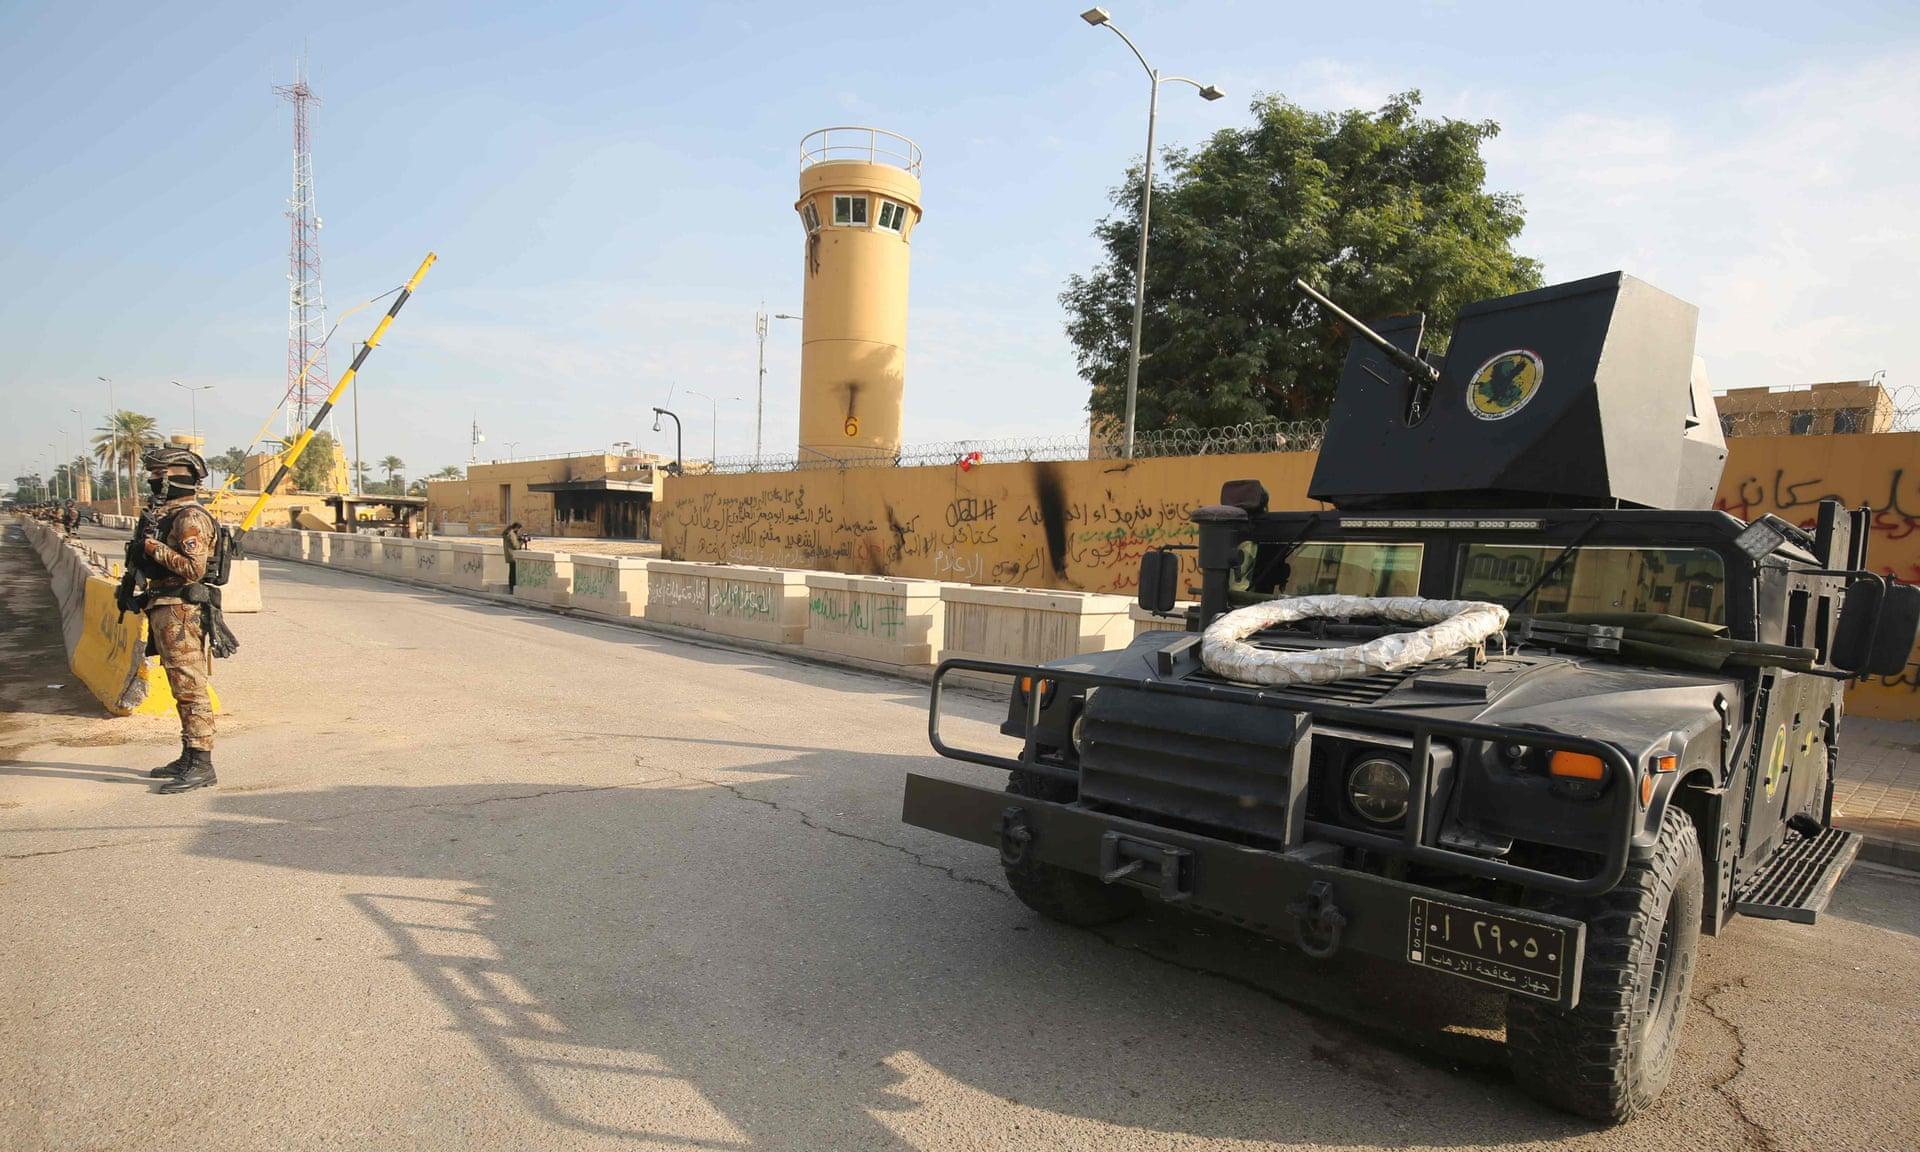 Lực lượng chống khủng bố của Iraq canh gác trước Đại sứ quán Mỹ ở Baghdad. Ảnh: AFP